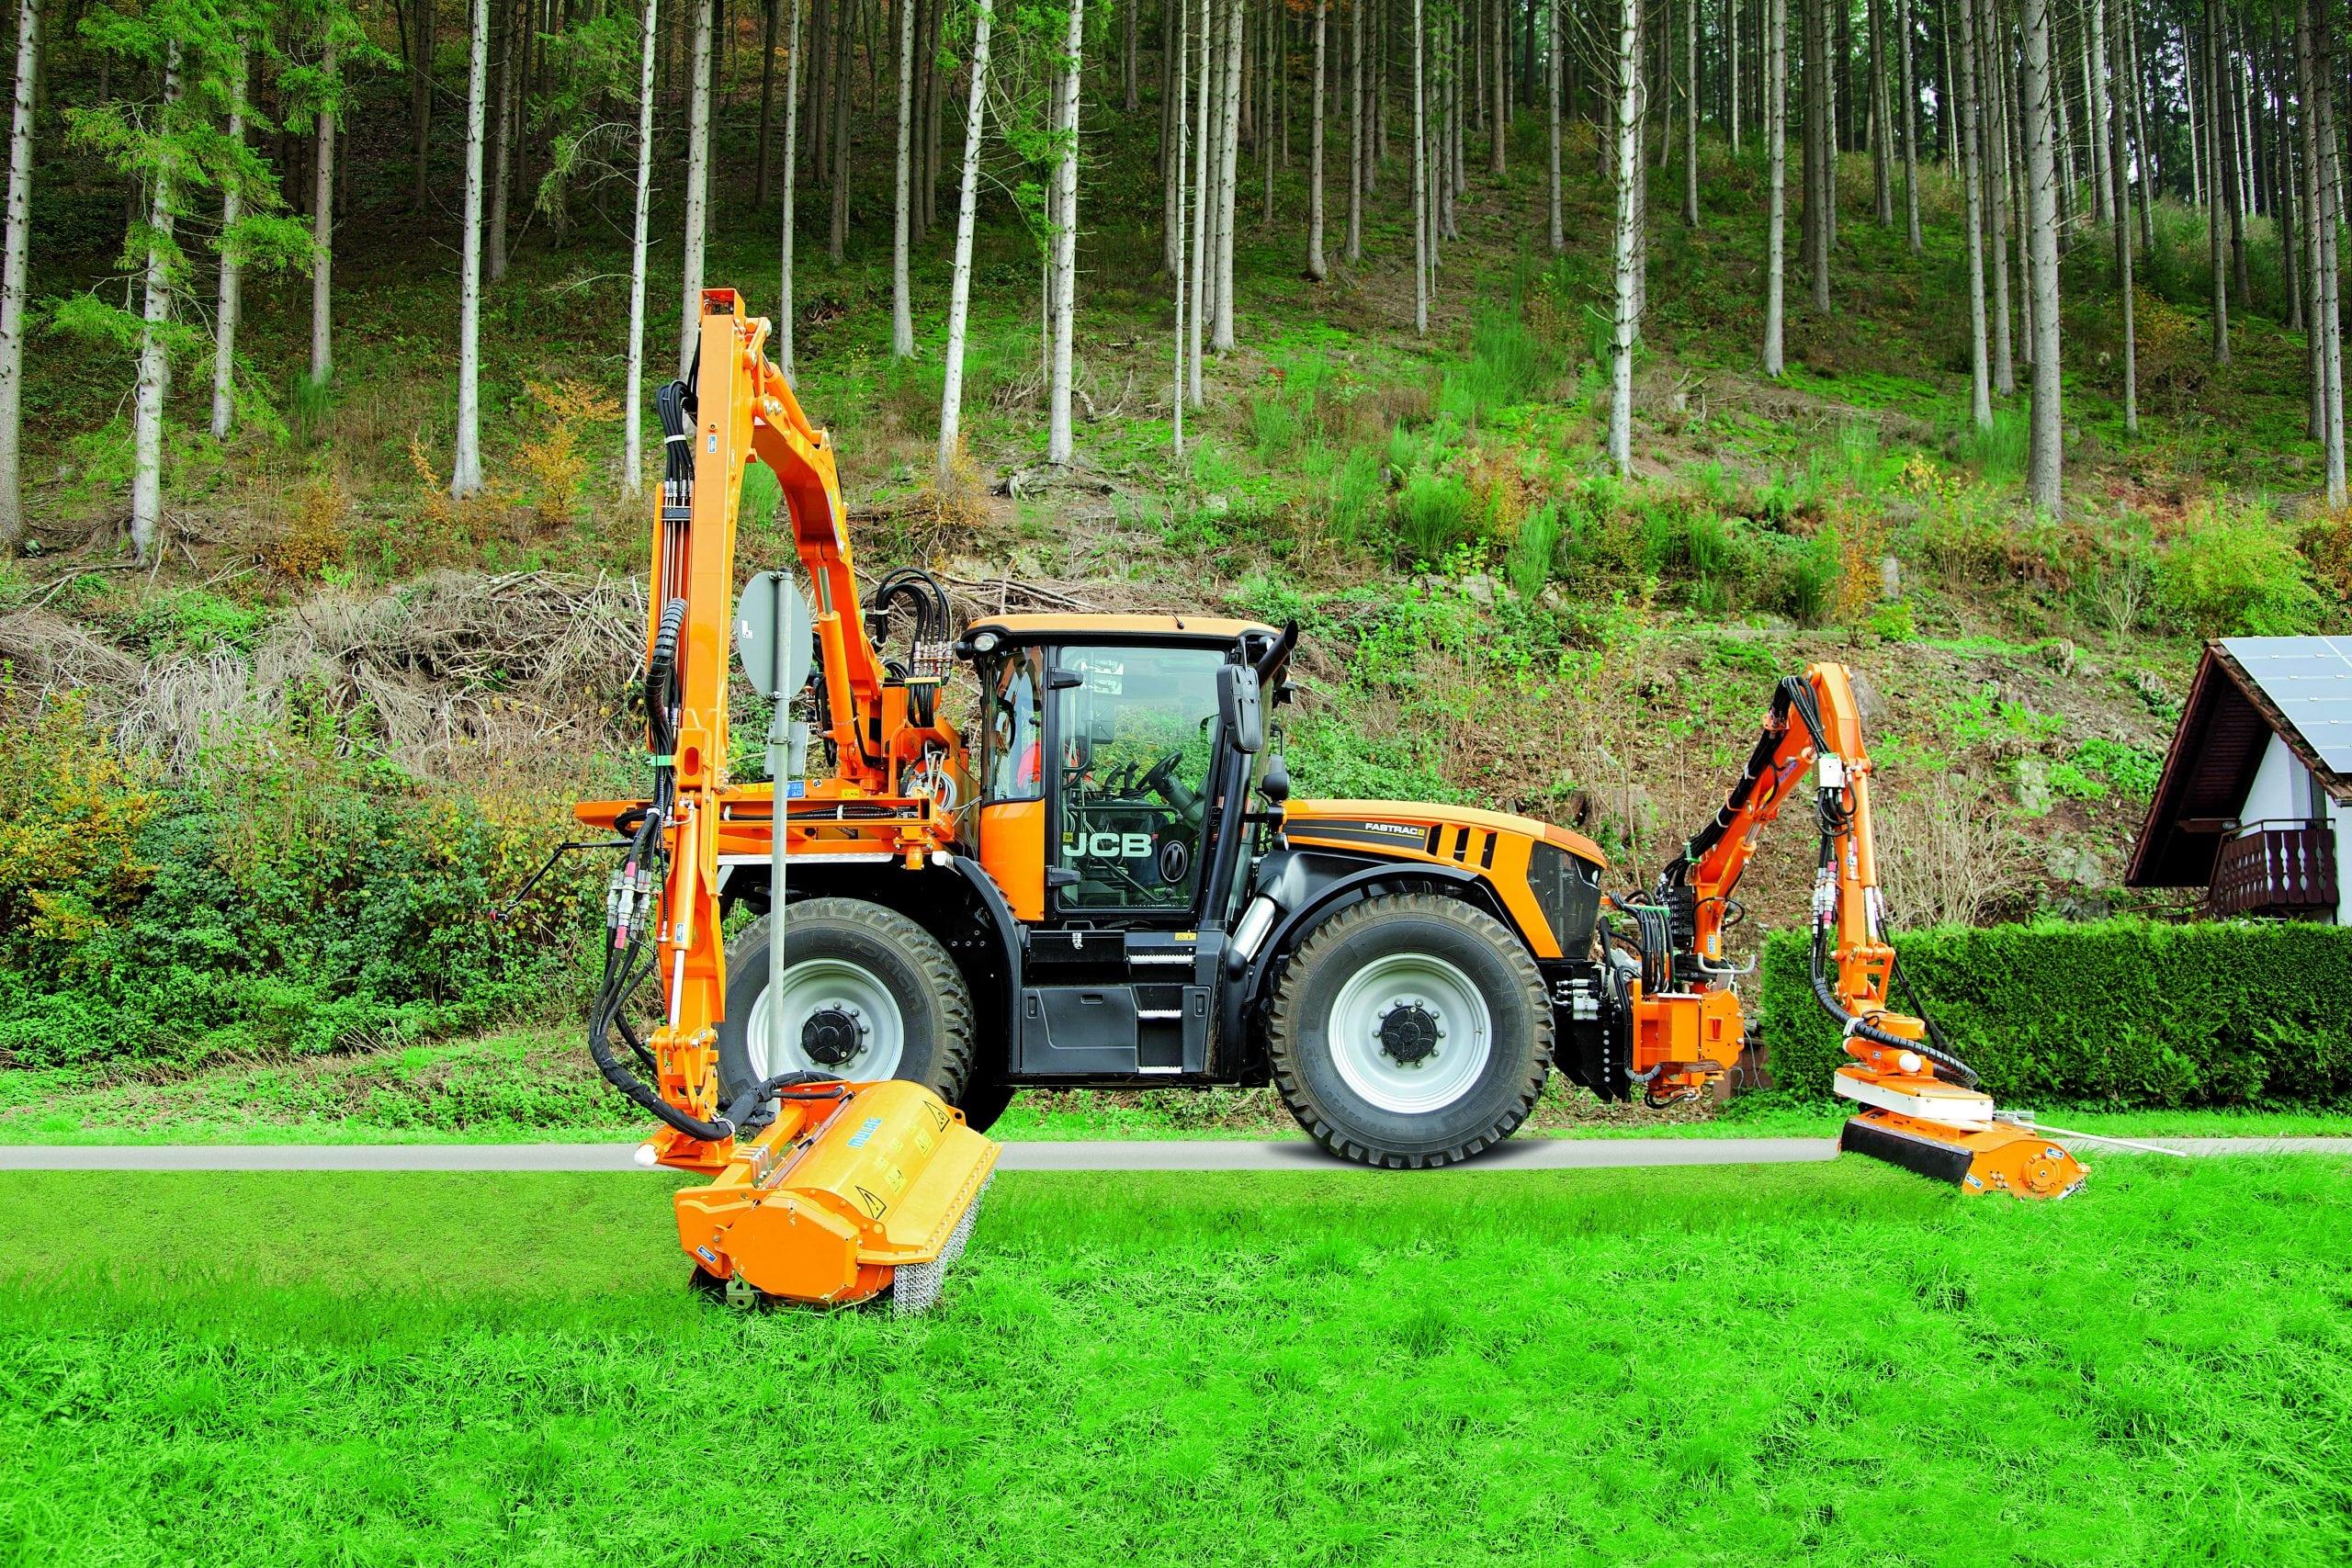 Fastrac Kommunal bei Mäharbeiten vor einem Waldstück